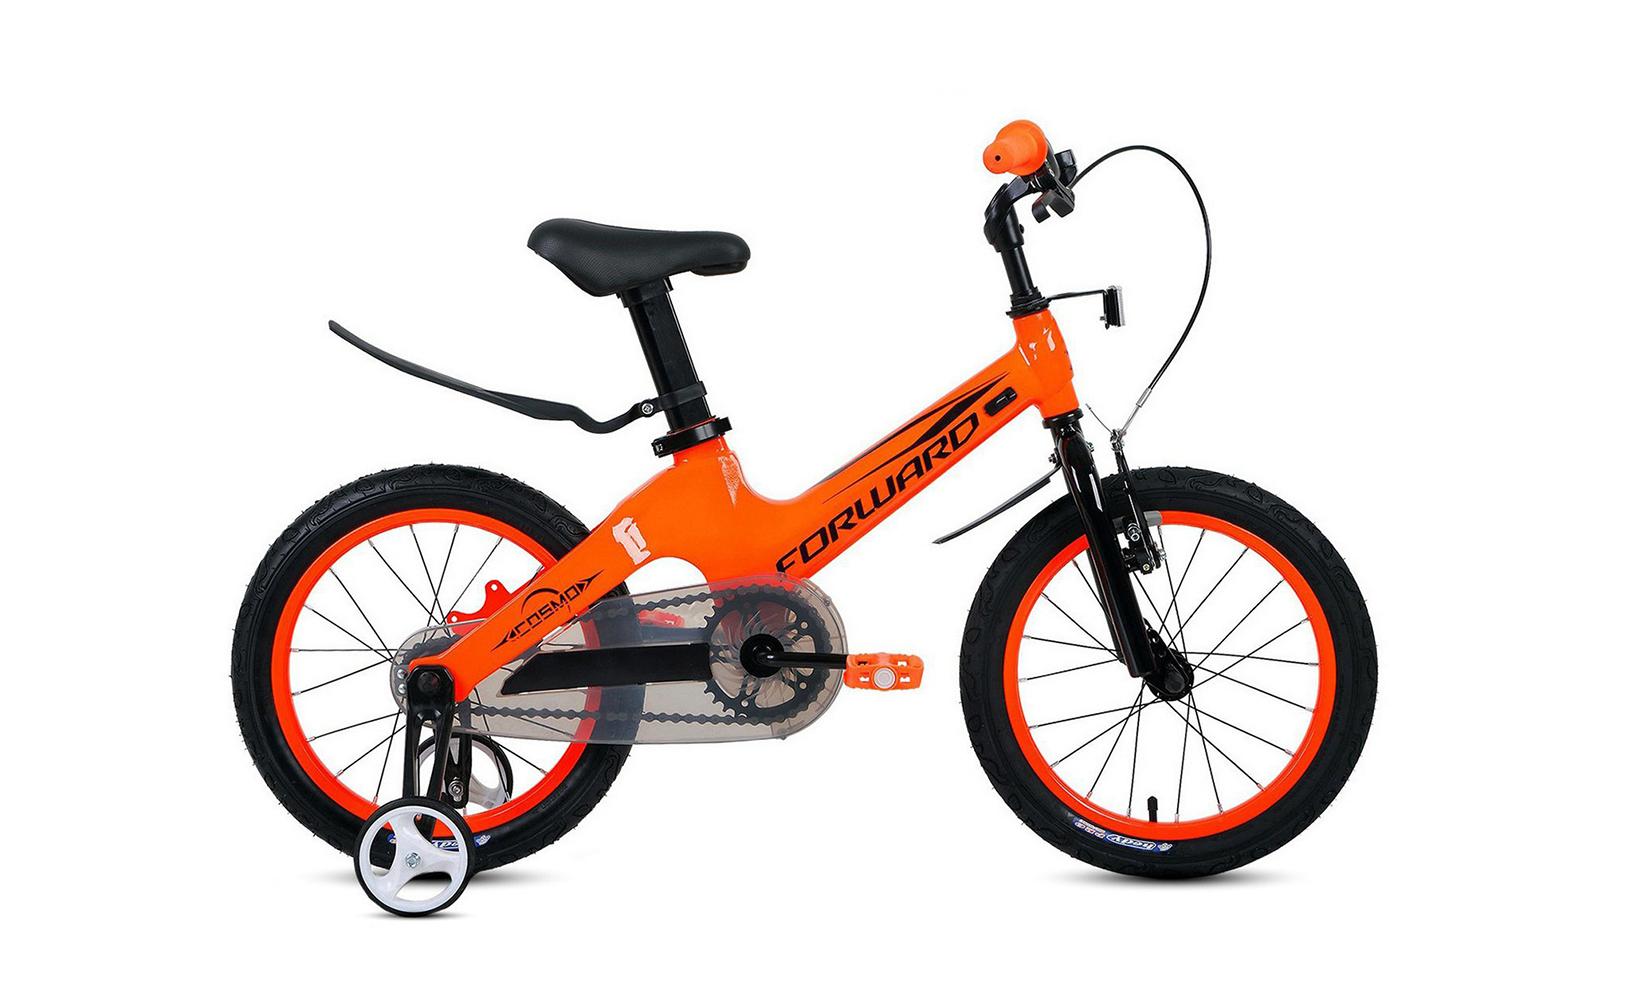 Купить Cosmo 18 2.0 (2020) (One size), Детский велосипед Forward Cosmo 18 2.0 2020 оранжевый, Детские двухколесные велосипеды